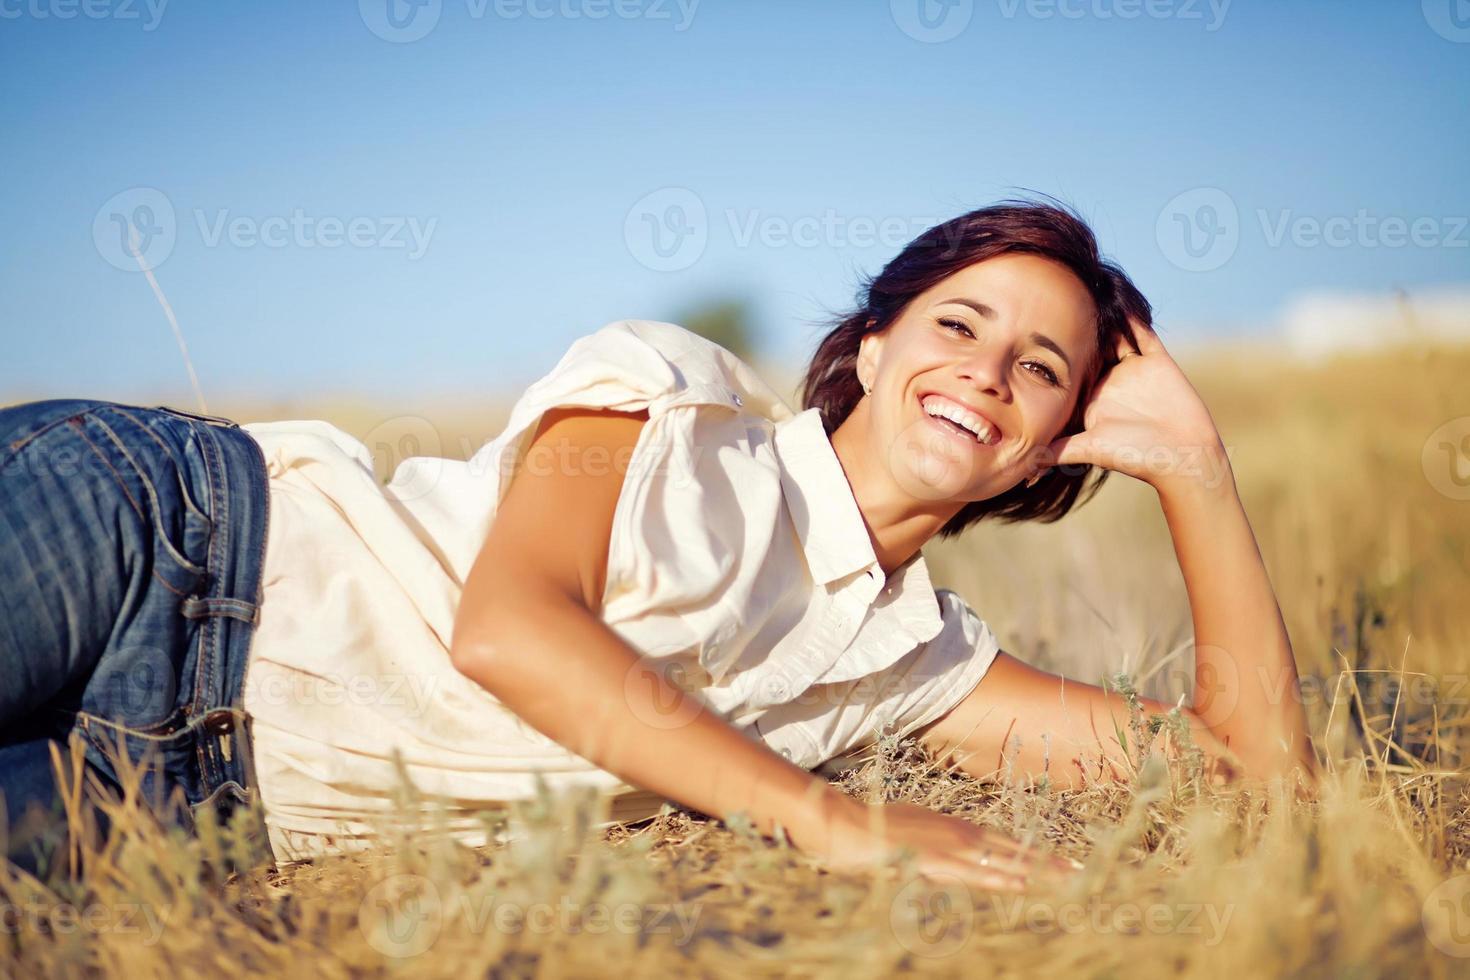 femme dans un champ photo